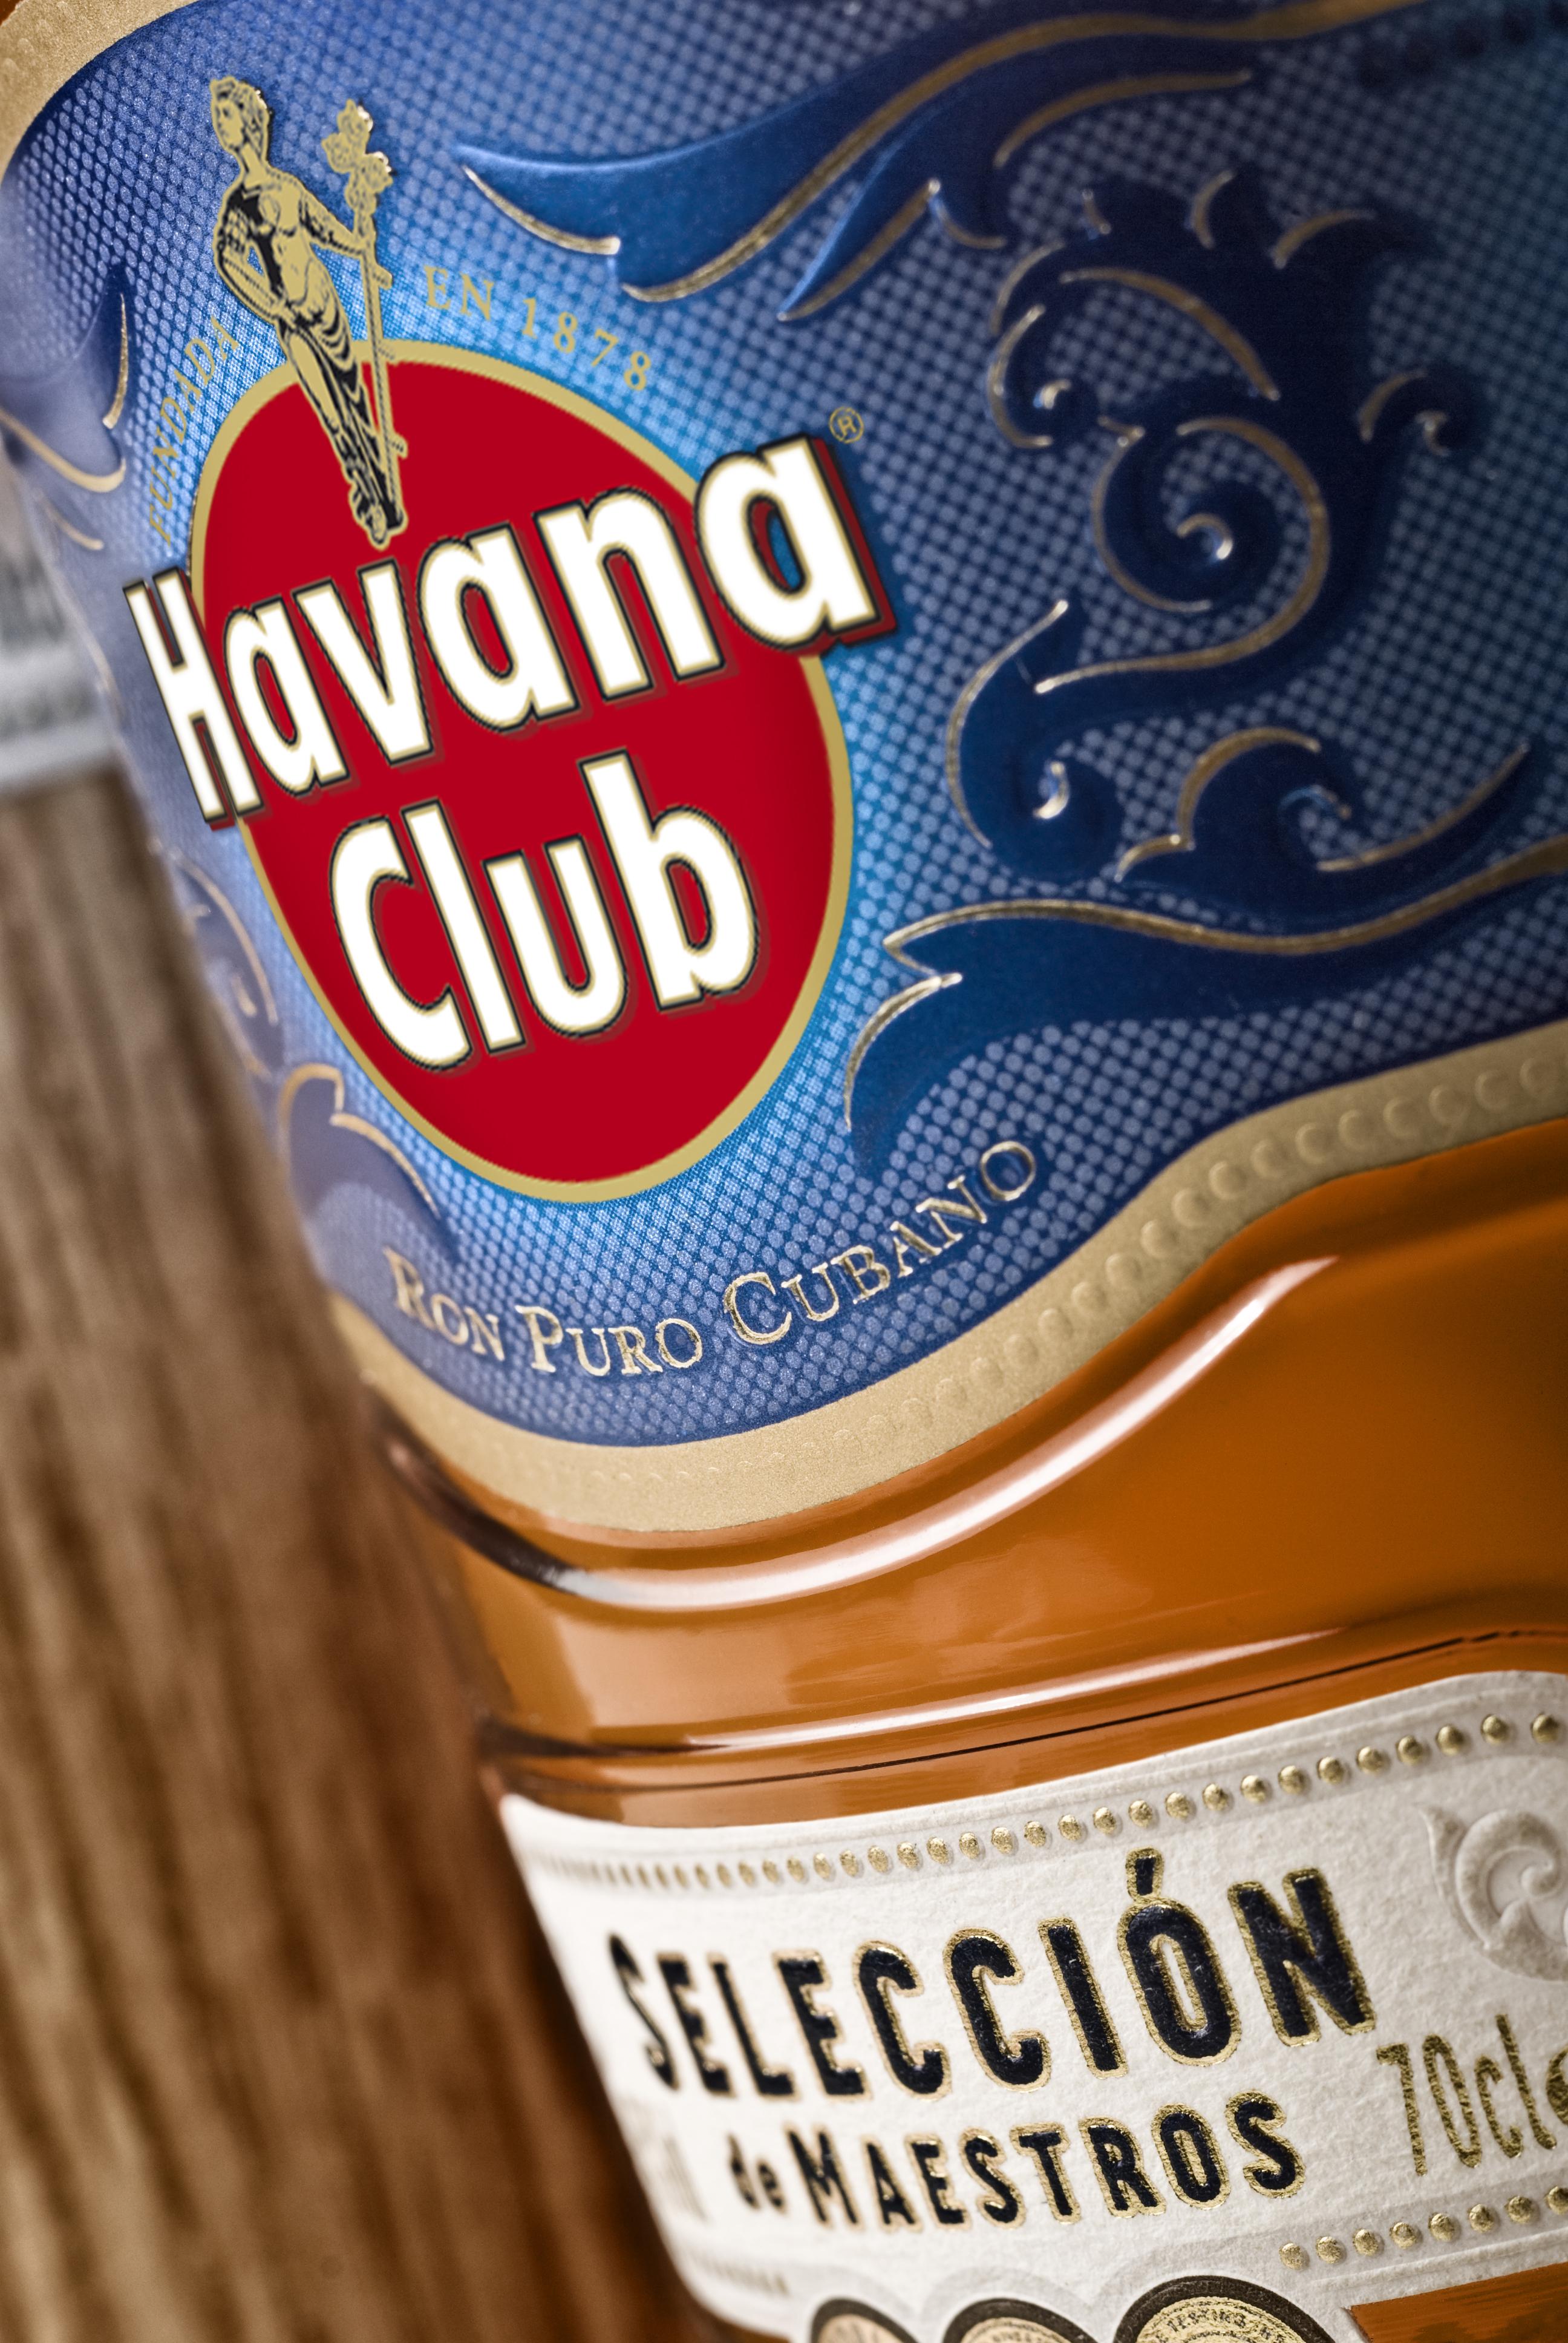 havan club